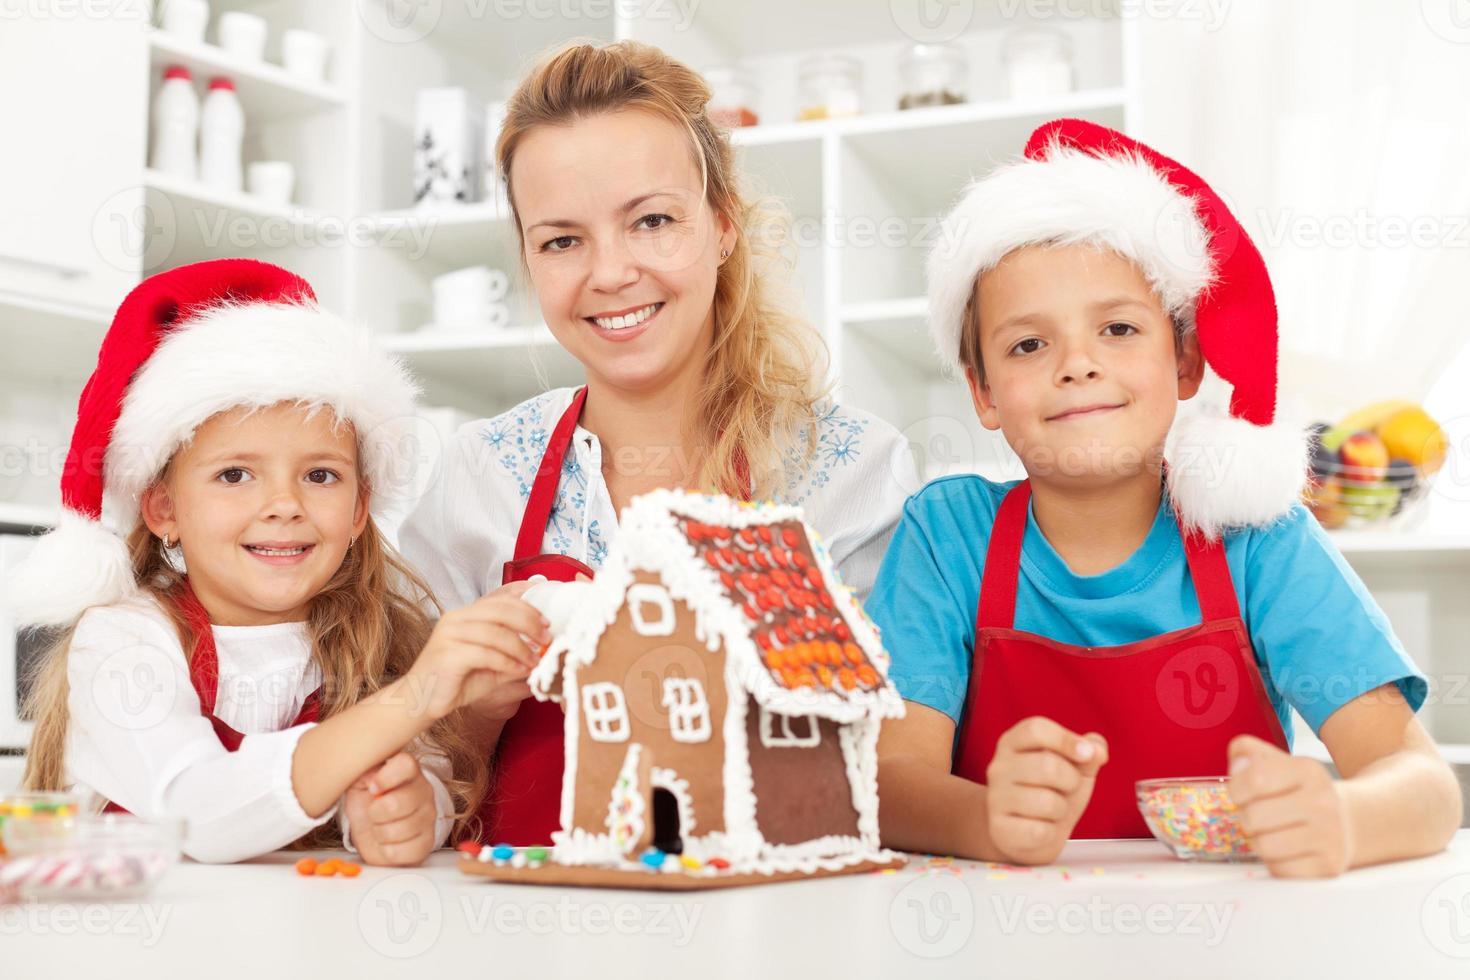 glückliche Weihnachtsfamilie in der Küche foto